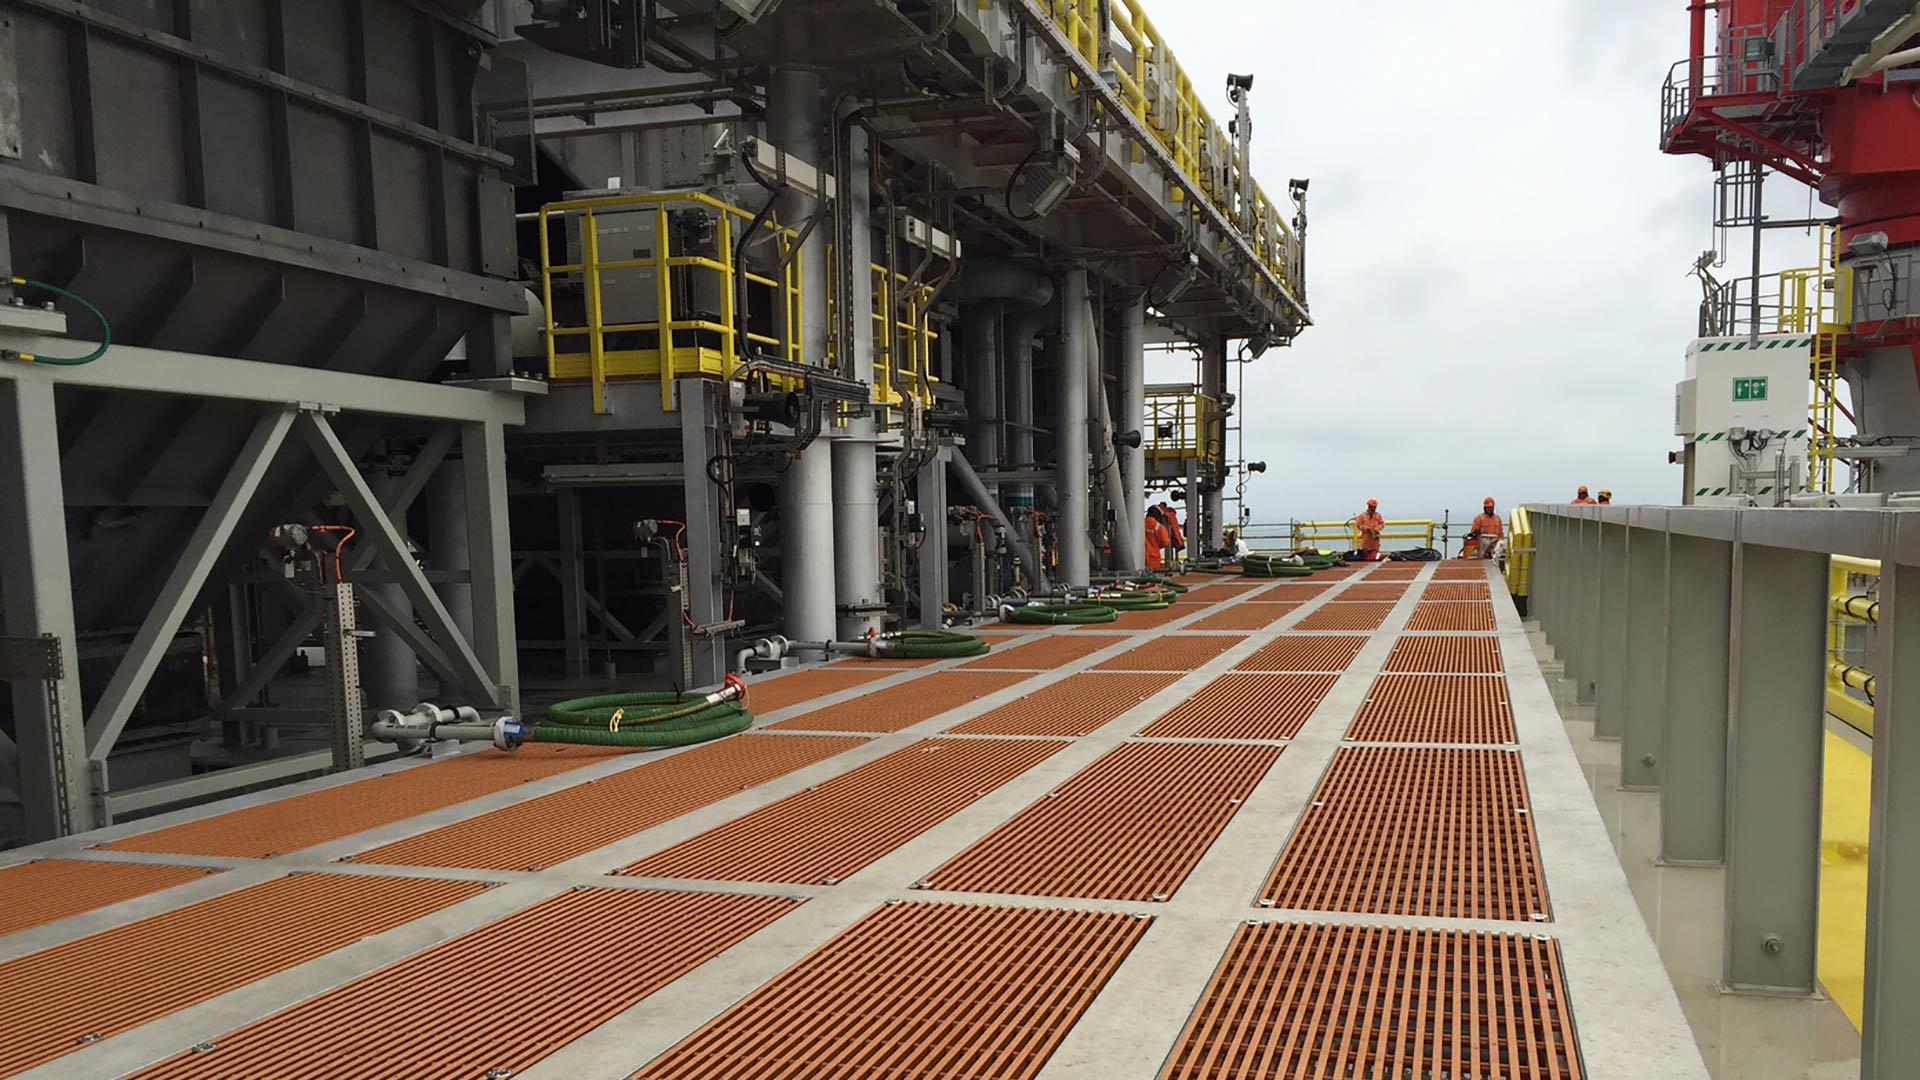 Fiberglass Grating and Flooring line a platform of a rigship